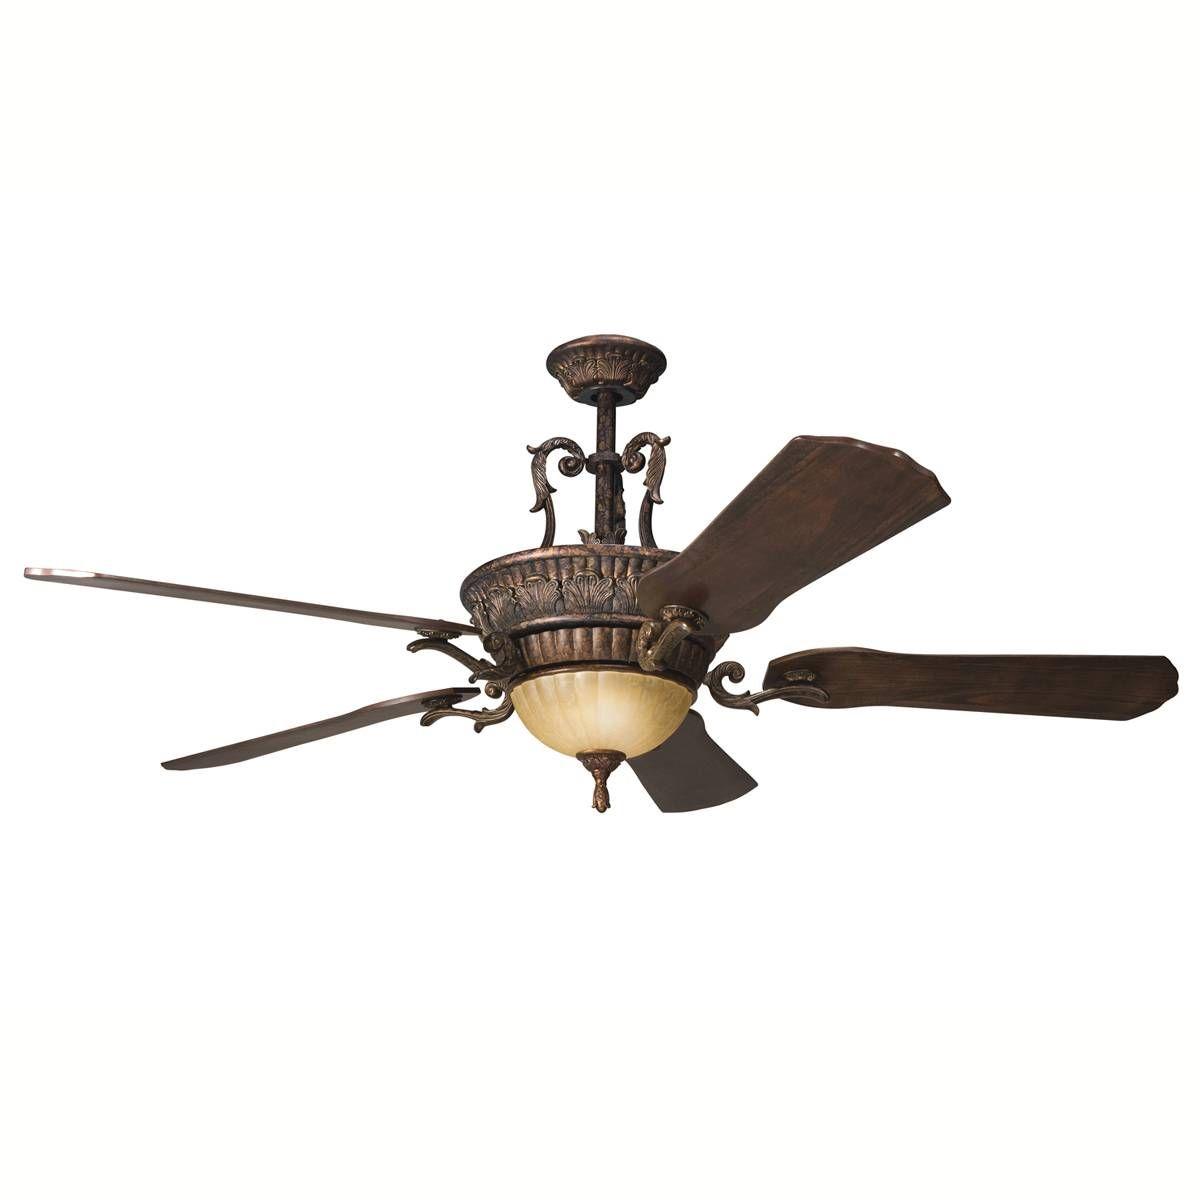 Kichler 60 Ceiling Fan Ceiling Fan With Light Fan Light